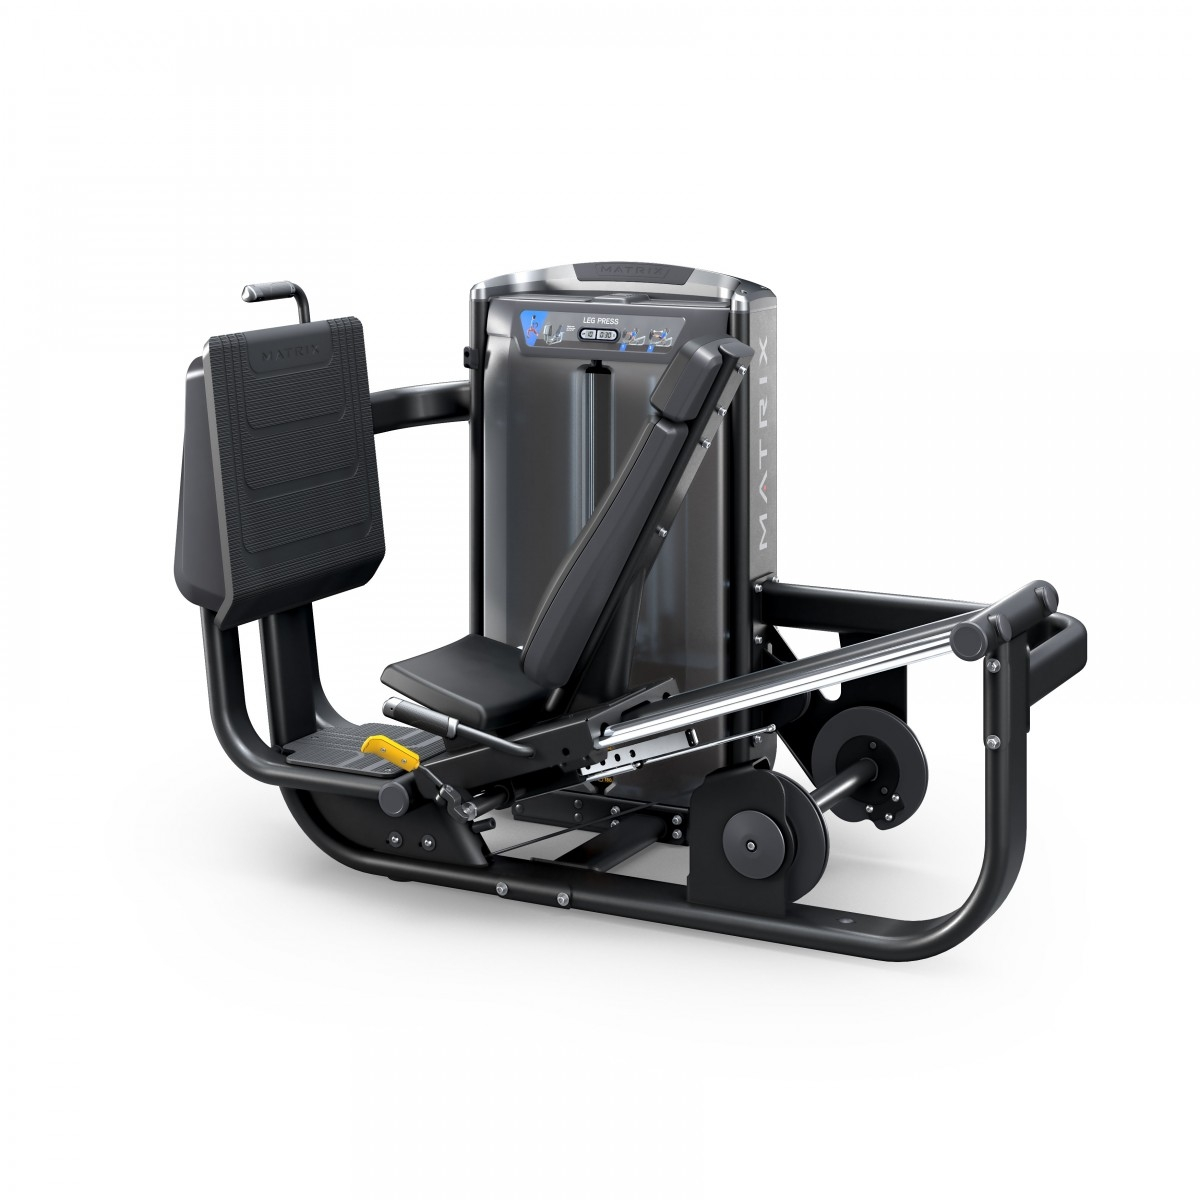 matrix ultra s70 casall pro gymutrustning träningsmaskin